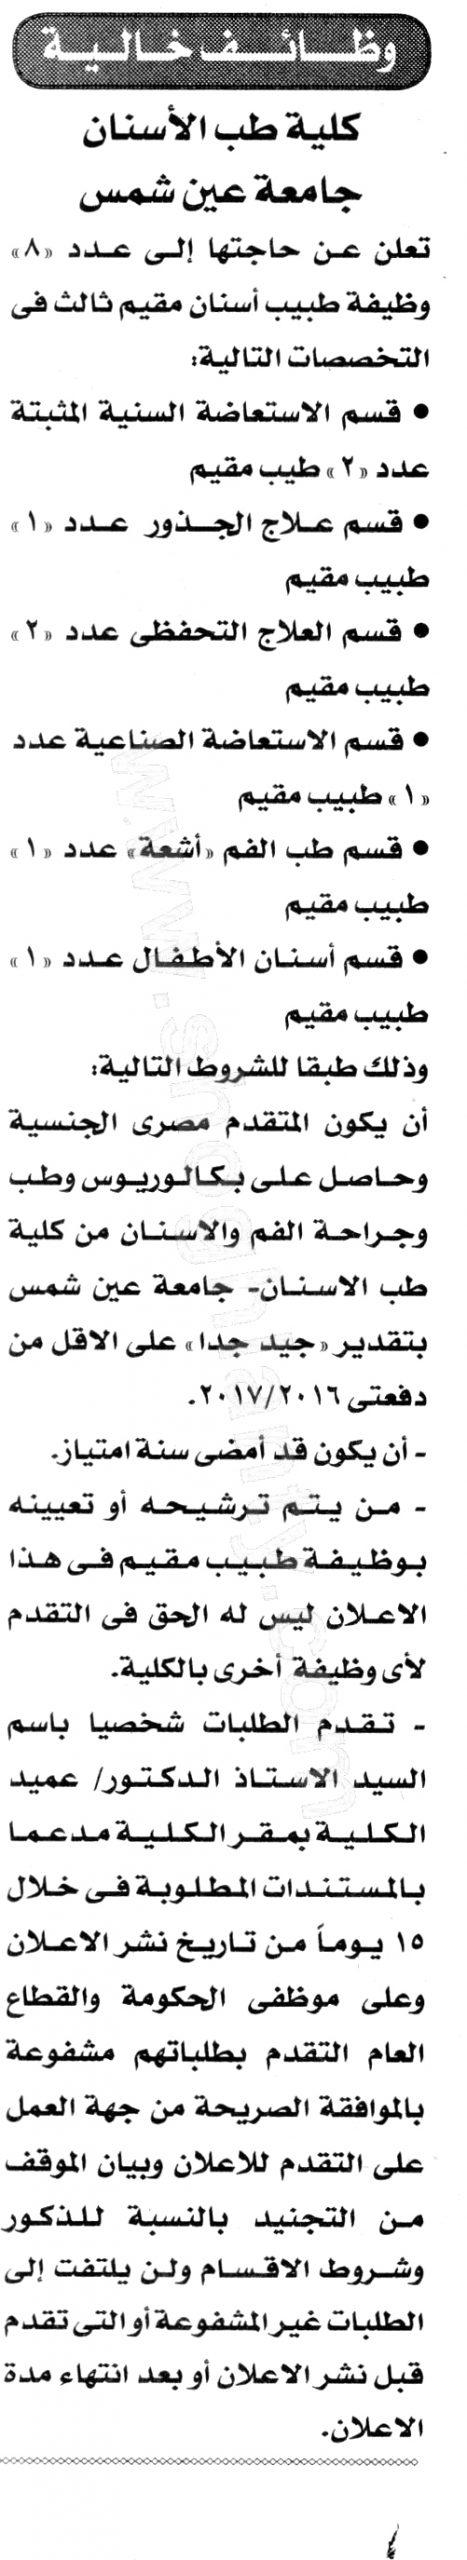 فرص عمل في مصر 2021 7